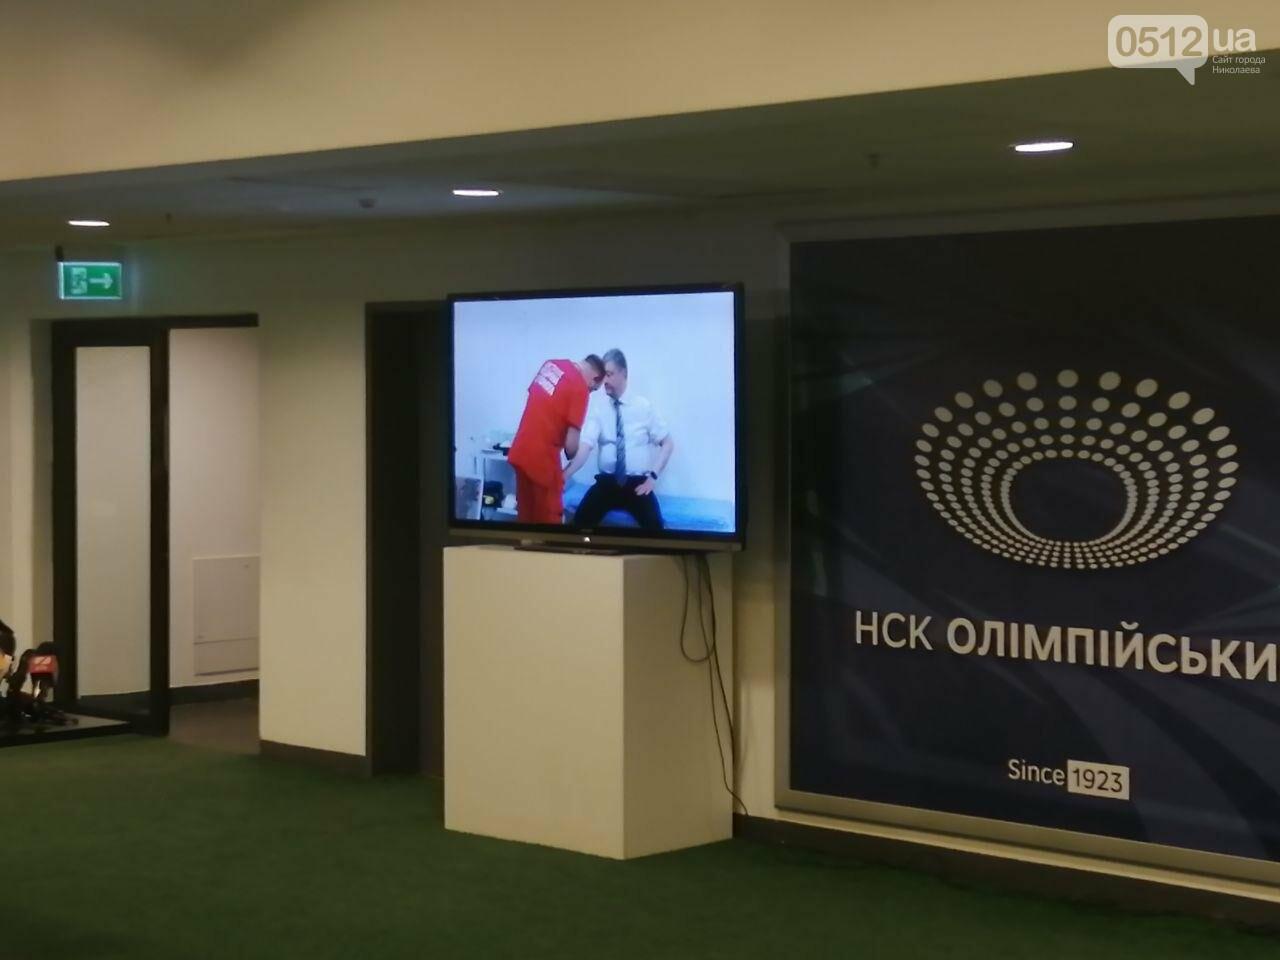 ВНСК «Олимпийский» прокомментировали объявление Зеленского одебатах сПорошенко